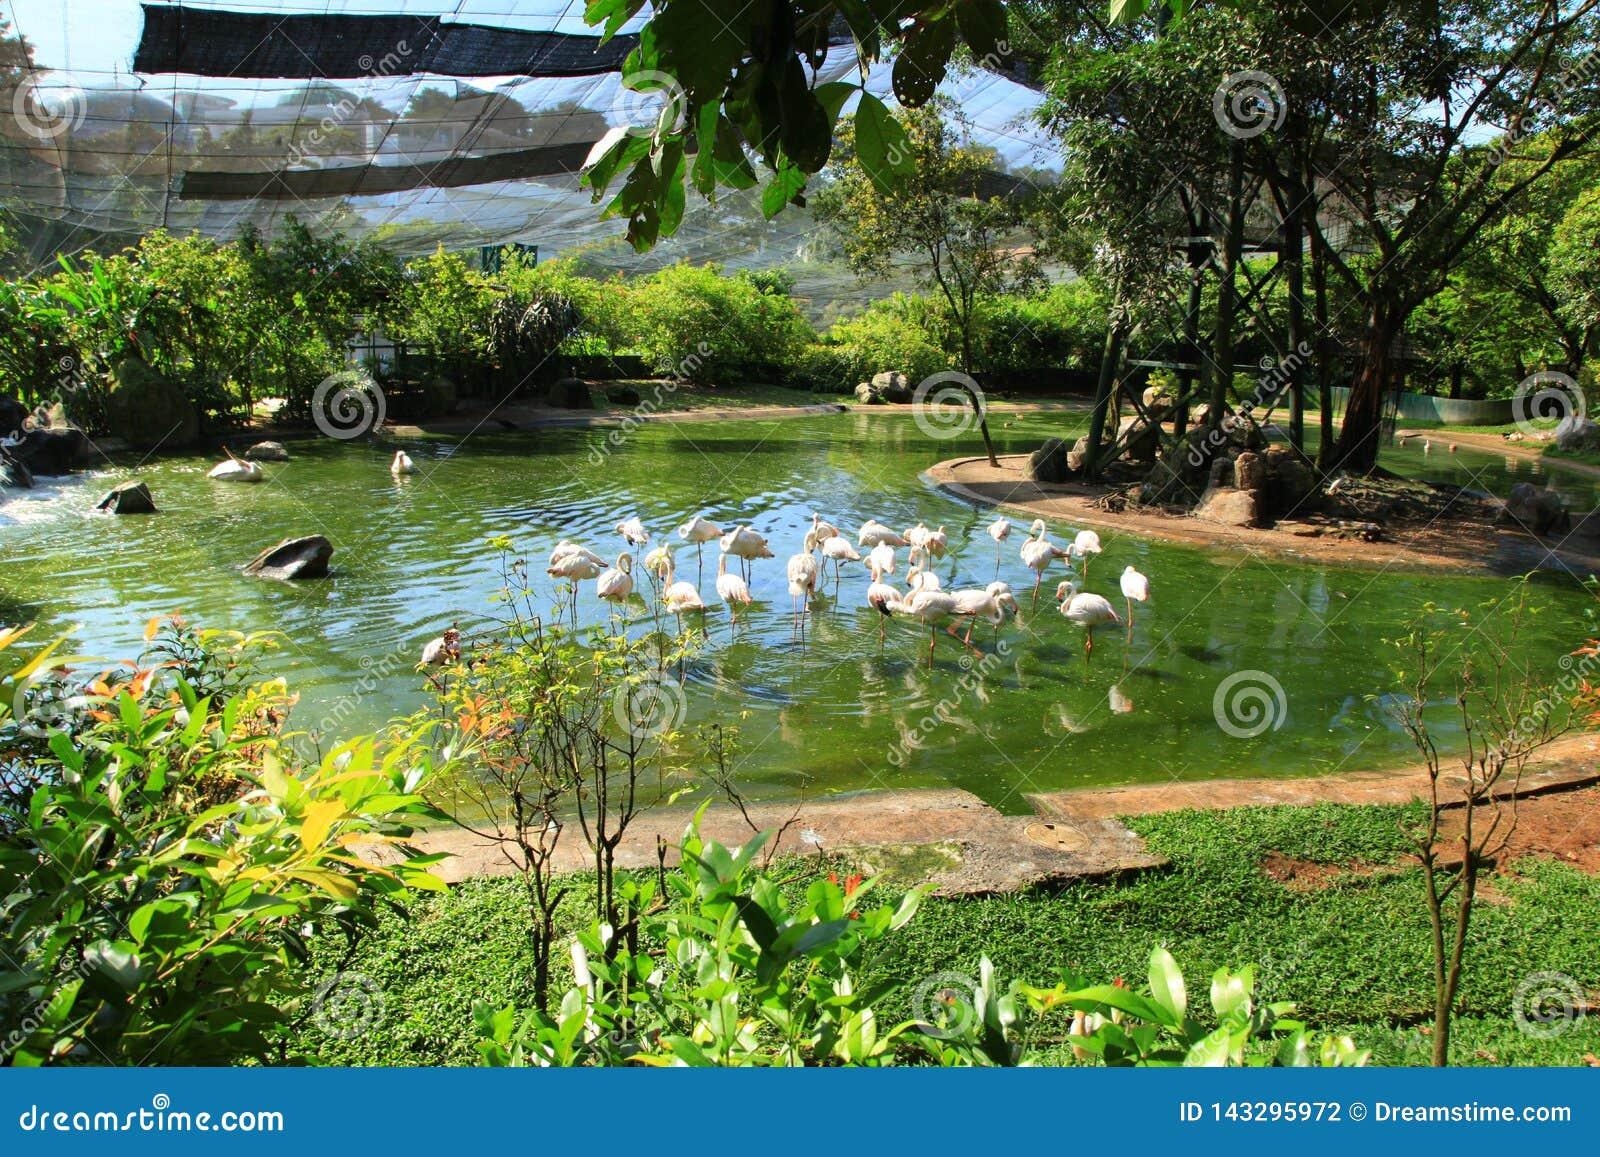 En flock av flamingo på en grön sjö som omges av träd och gräs